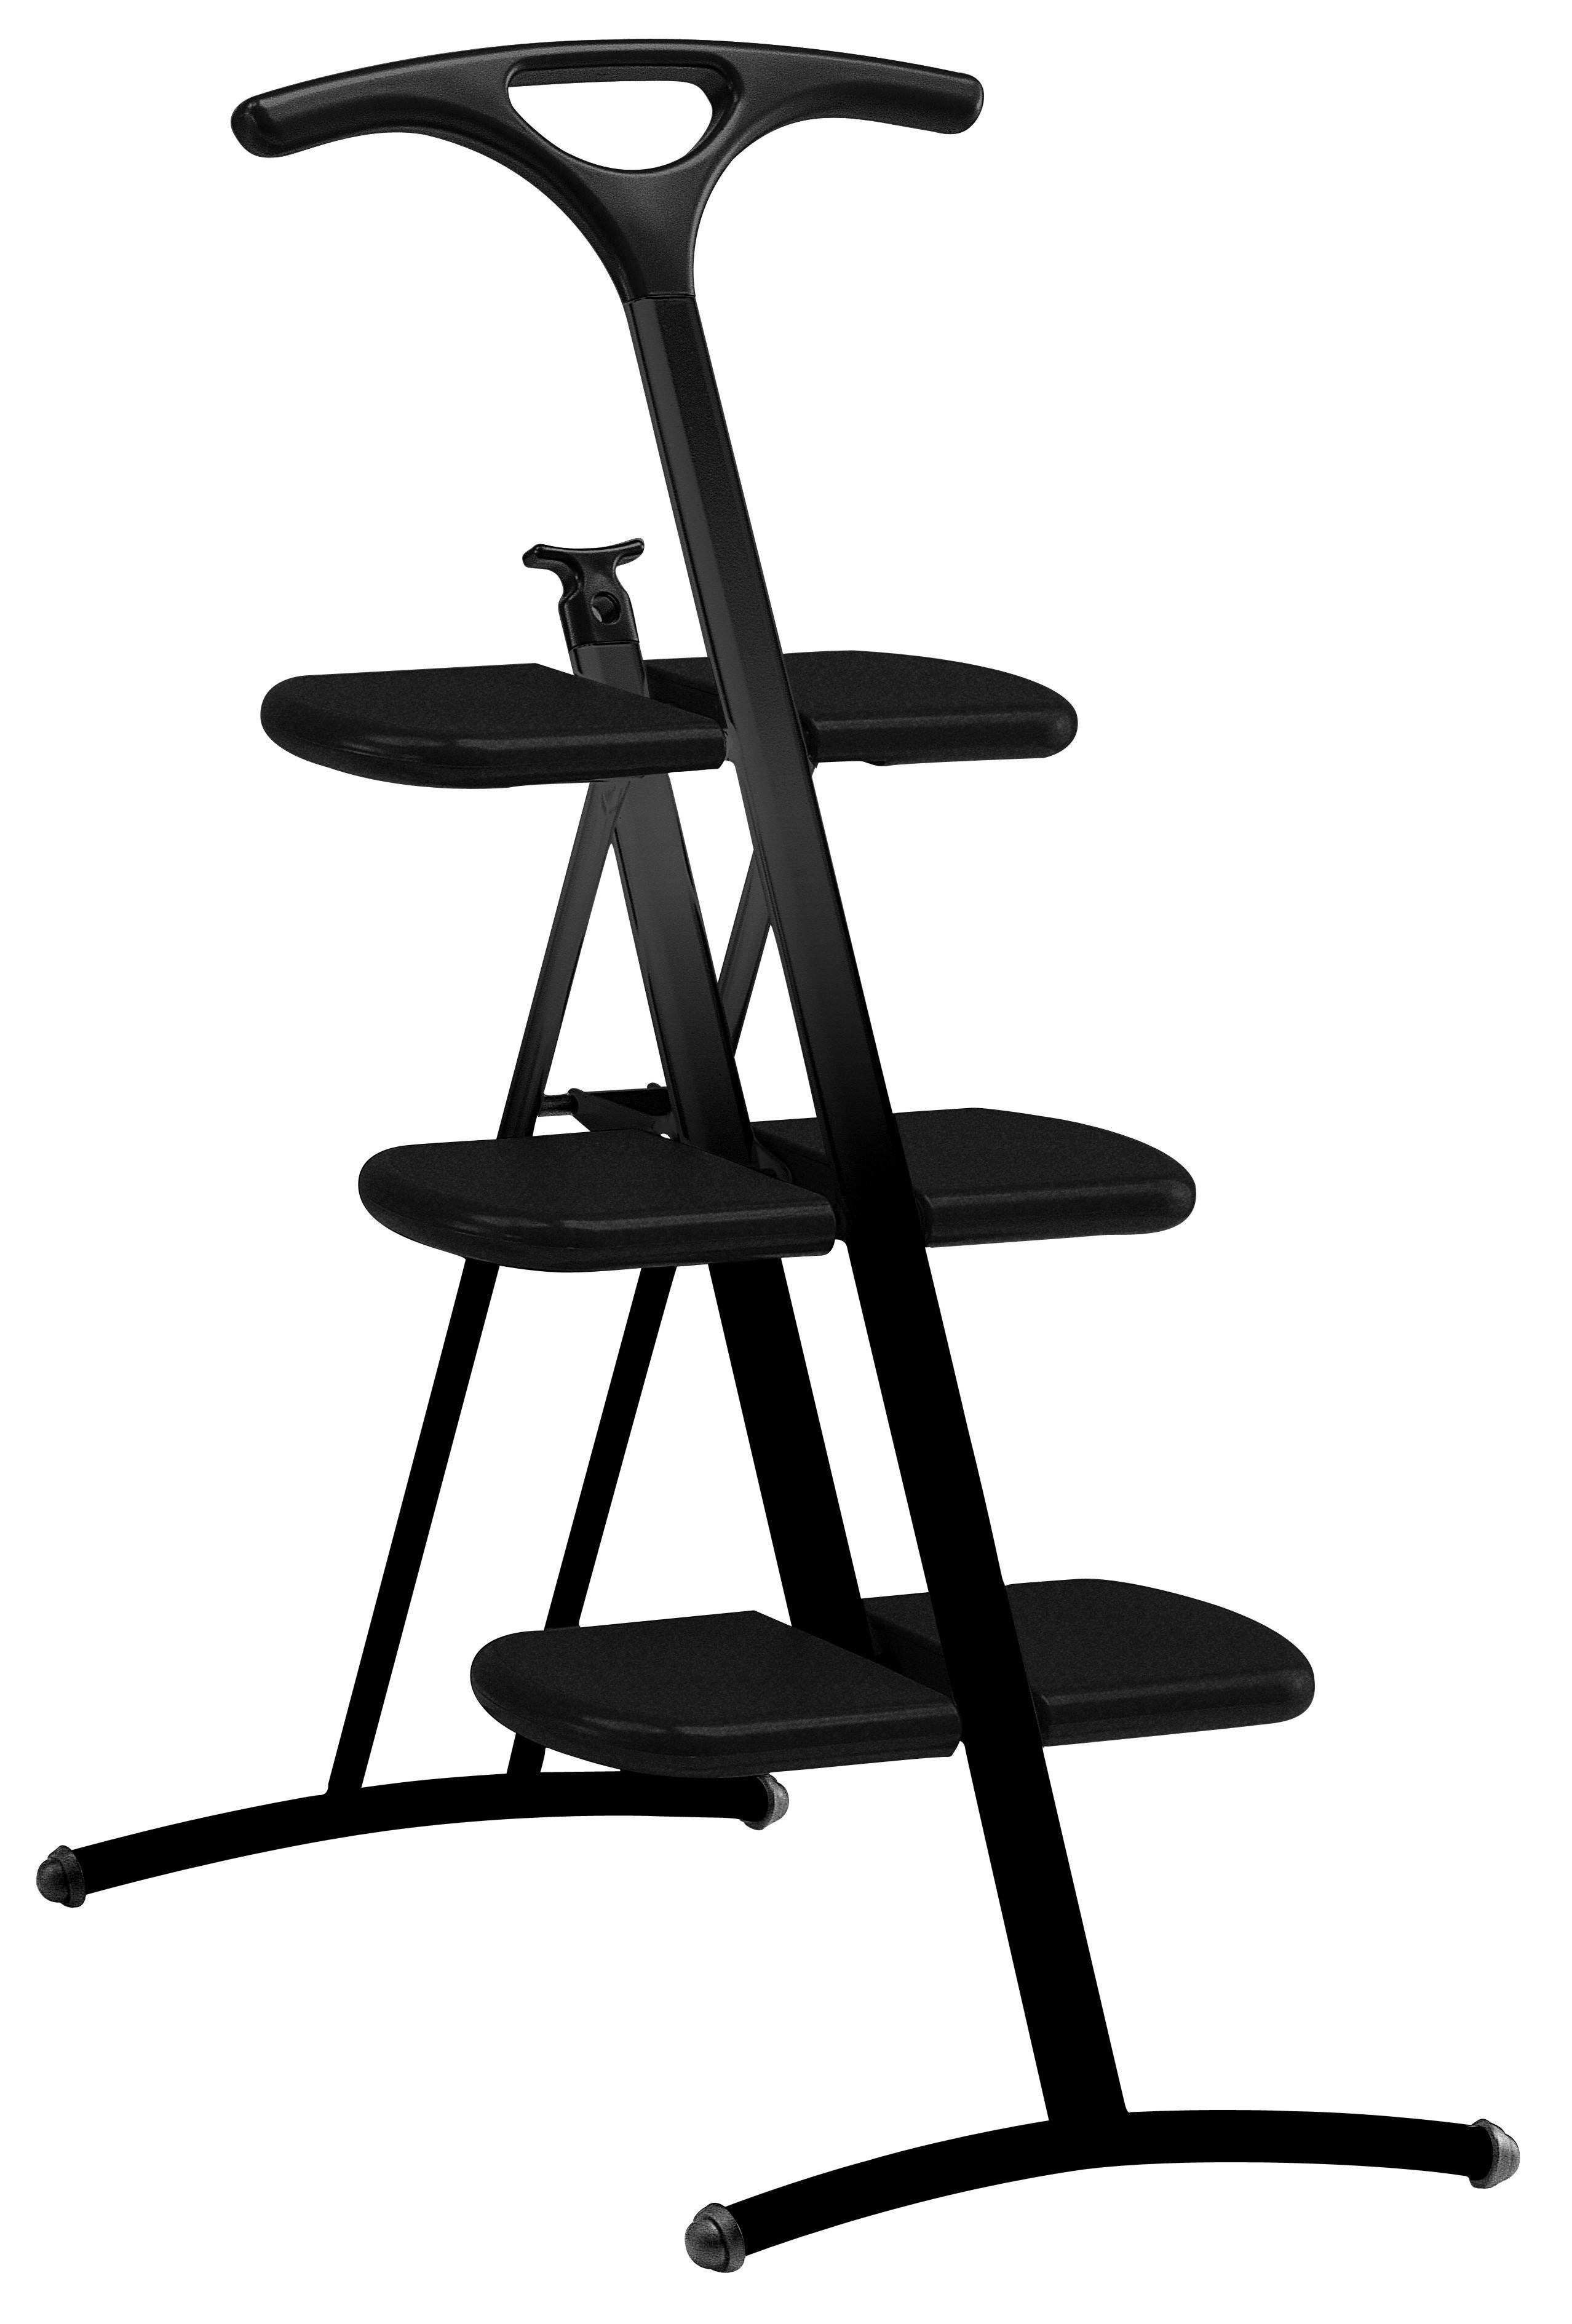 Möbel - Beistell-Möbel - Tiramisù Treppenleiter - Kartell - Schwarz - gefirnister Stahl, Glasfaser, Polypropylen